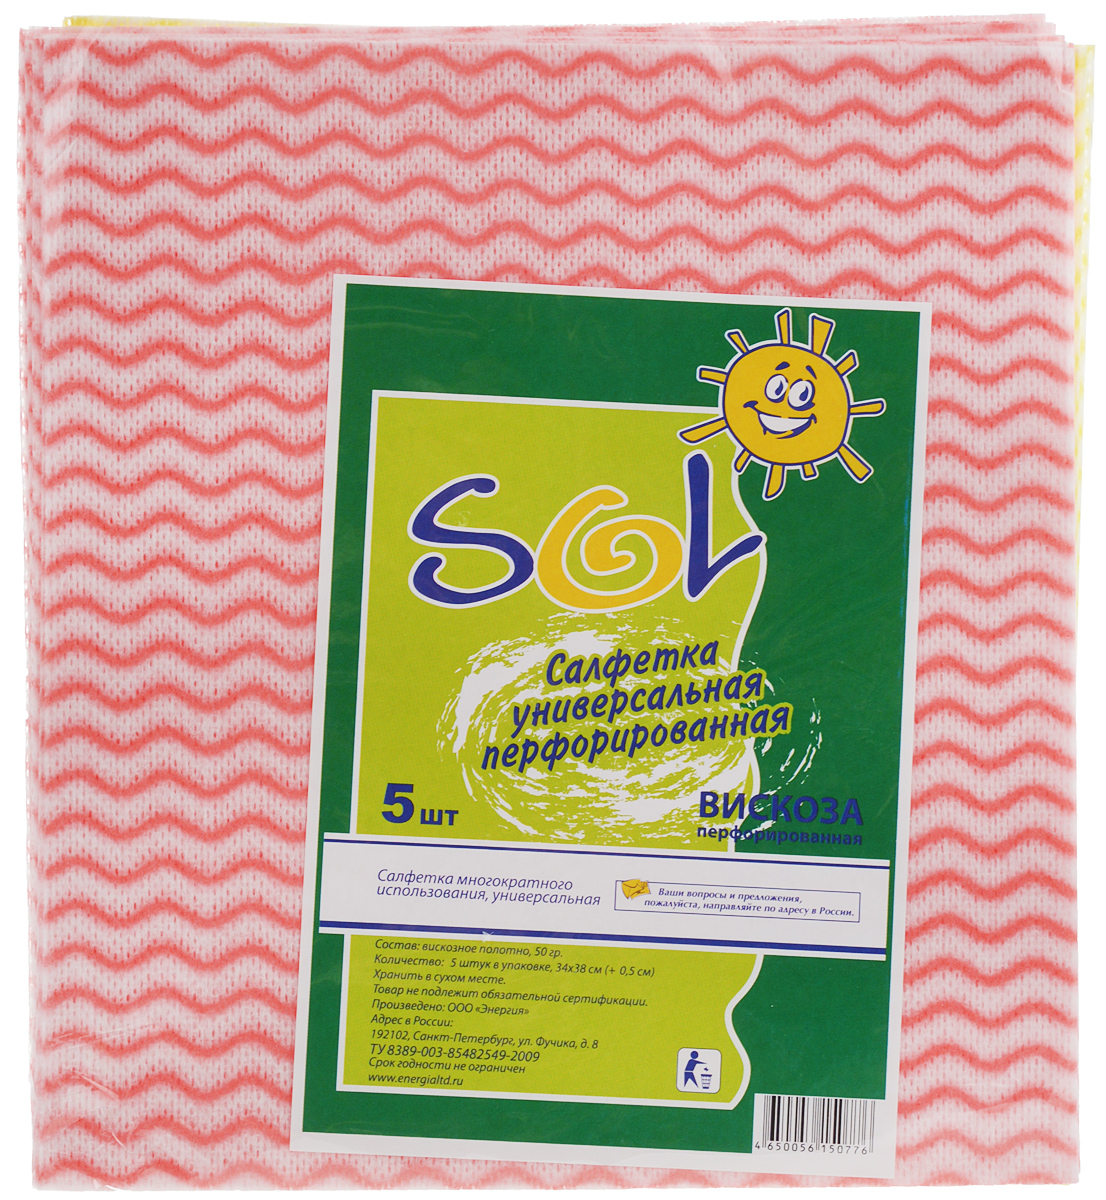 Салфетка для уборки Sol из вискозы, перфорированная, цвет: желтый, розовый, 34 x 38 см, 5 шт531-105Перфорированные салфетки для уборки Sol, выполненные из вискозы, предназначены для уборки и могут применяться с различными моющими средствами. Эффективно впитывают жидкость. Мягкие и прочные, легко отжимаются и быстро сохнут.Рекомендации по уходу: Для обеспечения гигиеничности уборки после применения прополоскать в теплой воде.Для продления срока службы не применять машинную стирку, не гладить и не кипятить.